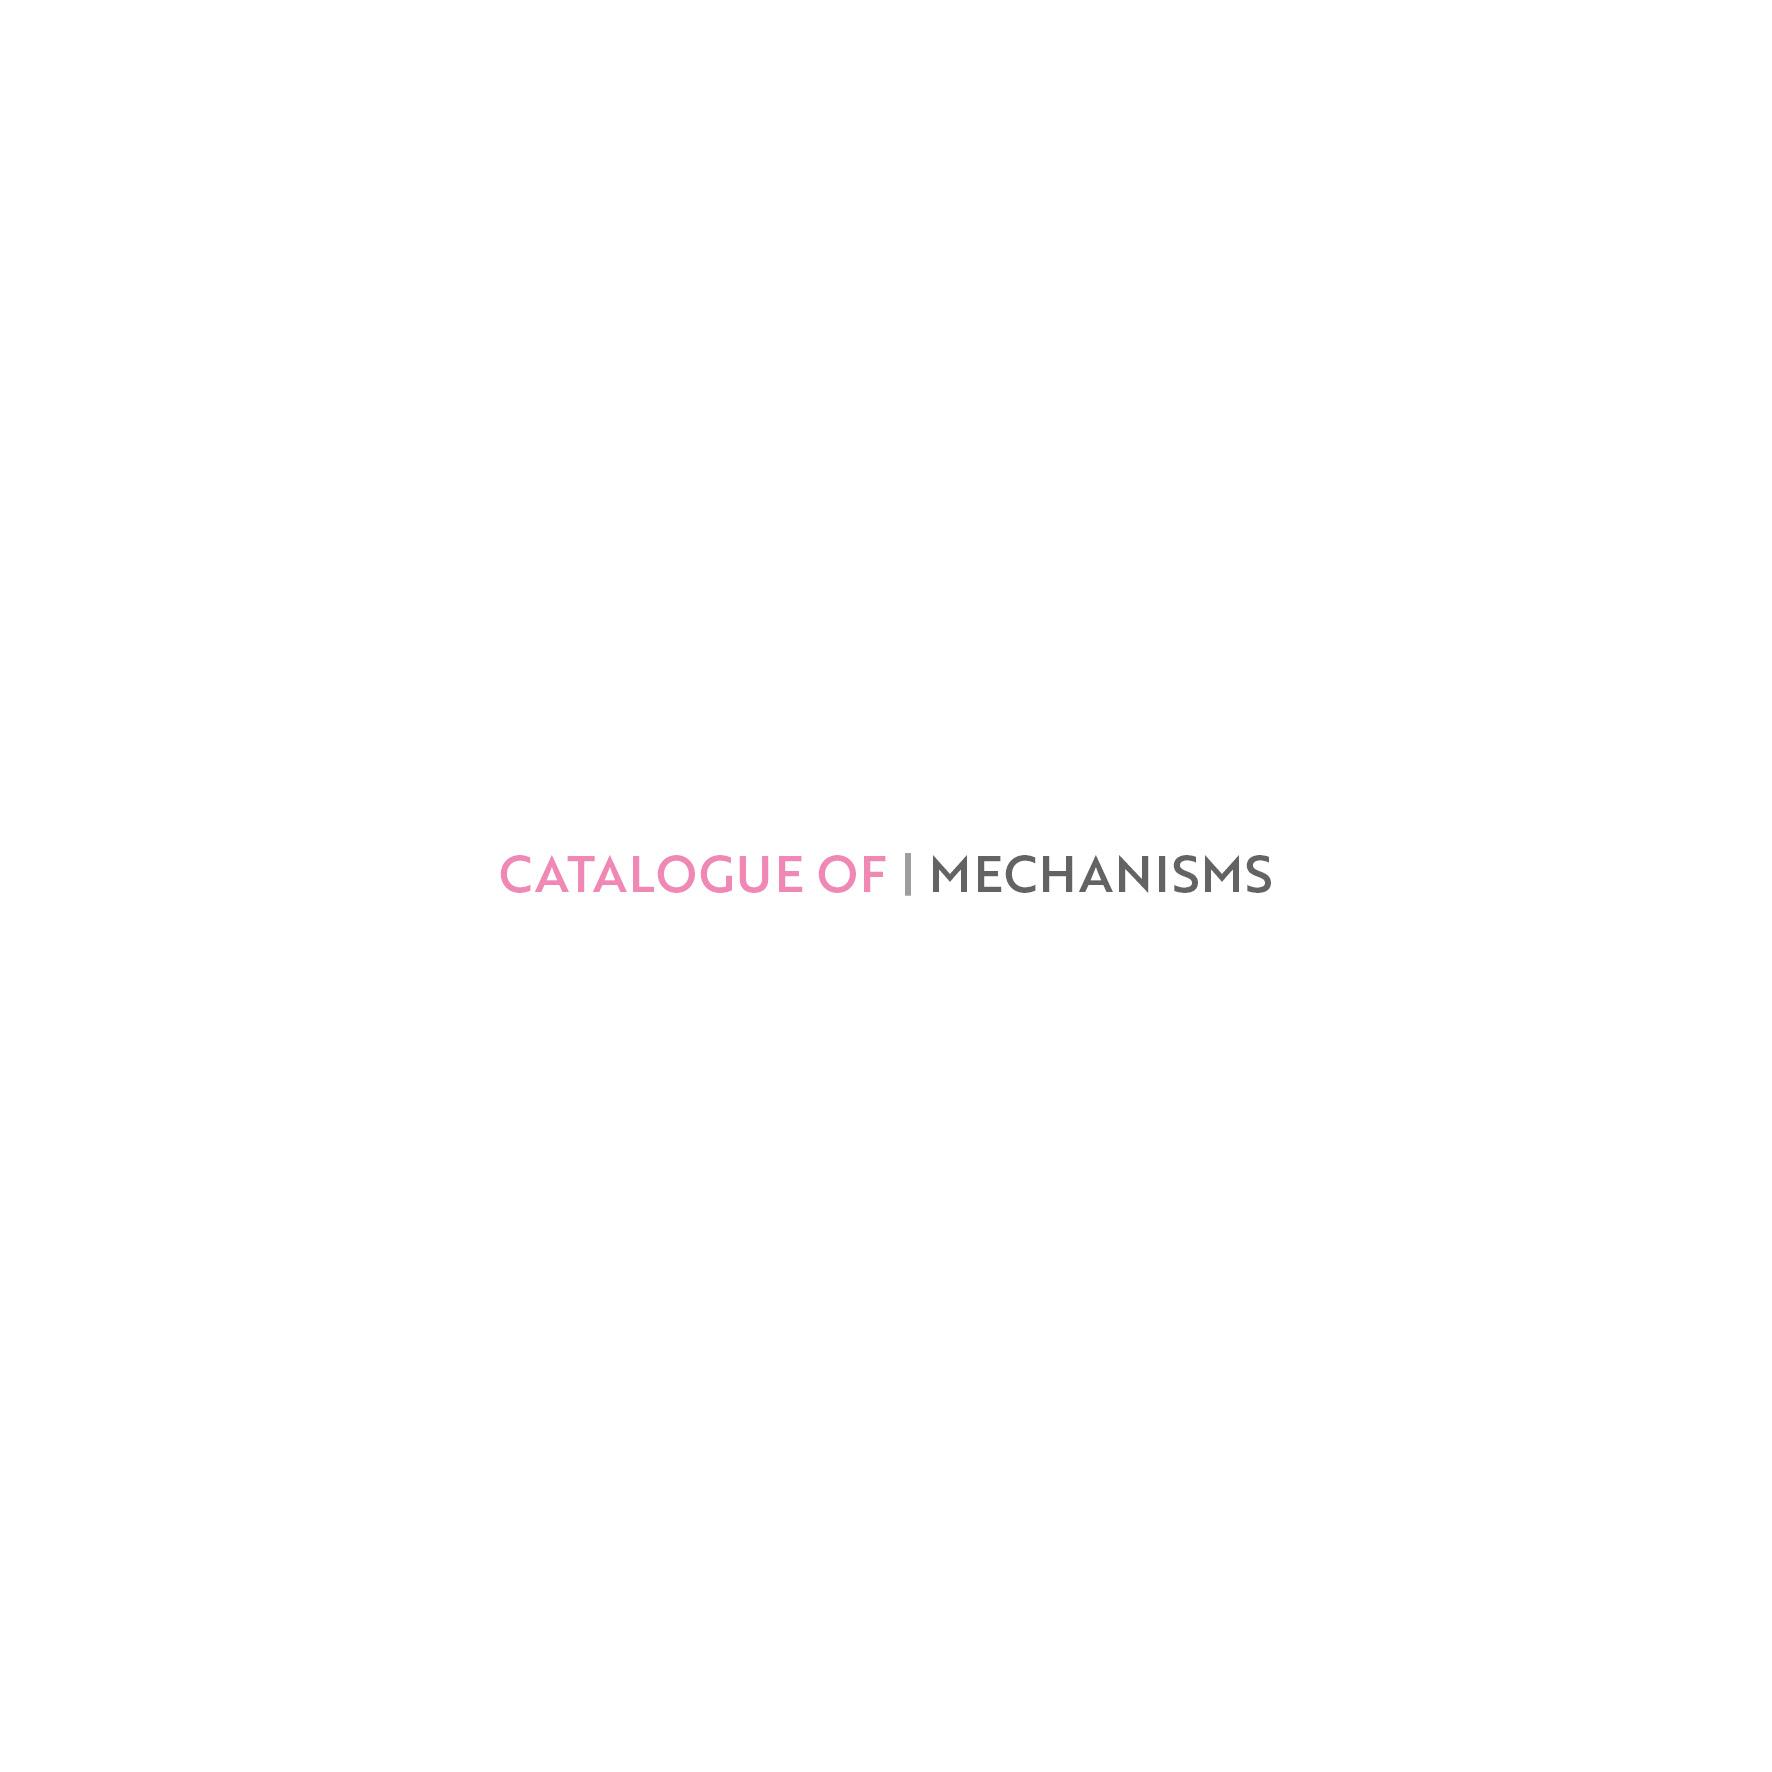 Catalogue of mechanisms2